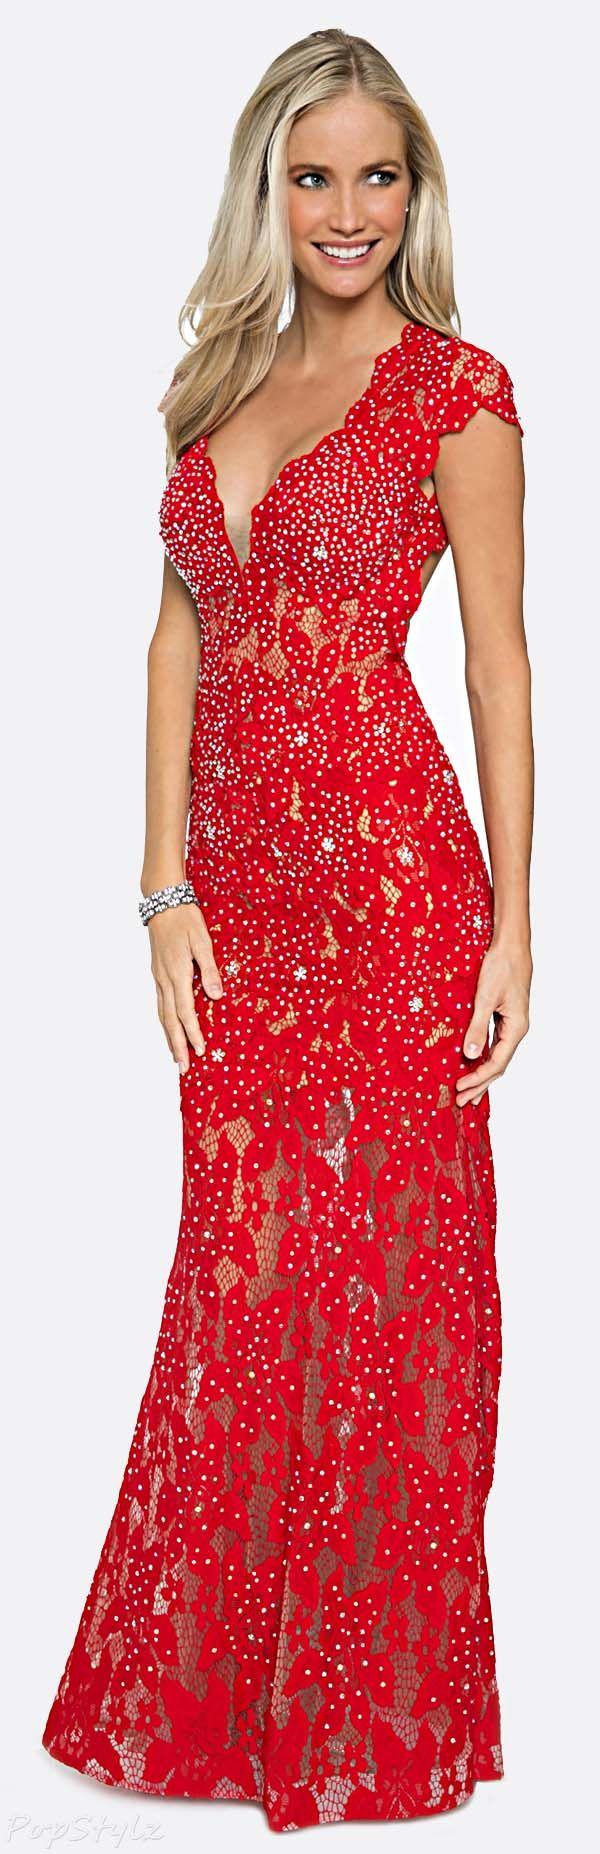 189 besten Lady in red Bilder auf Pinterest   Abendkleid, Rote ...